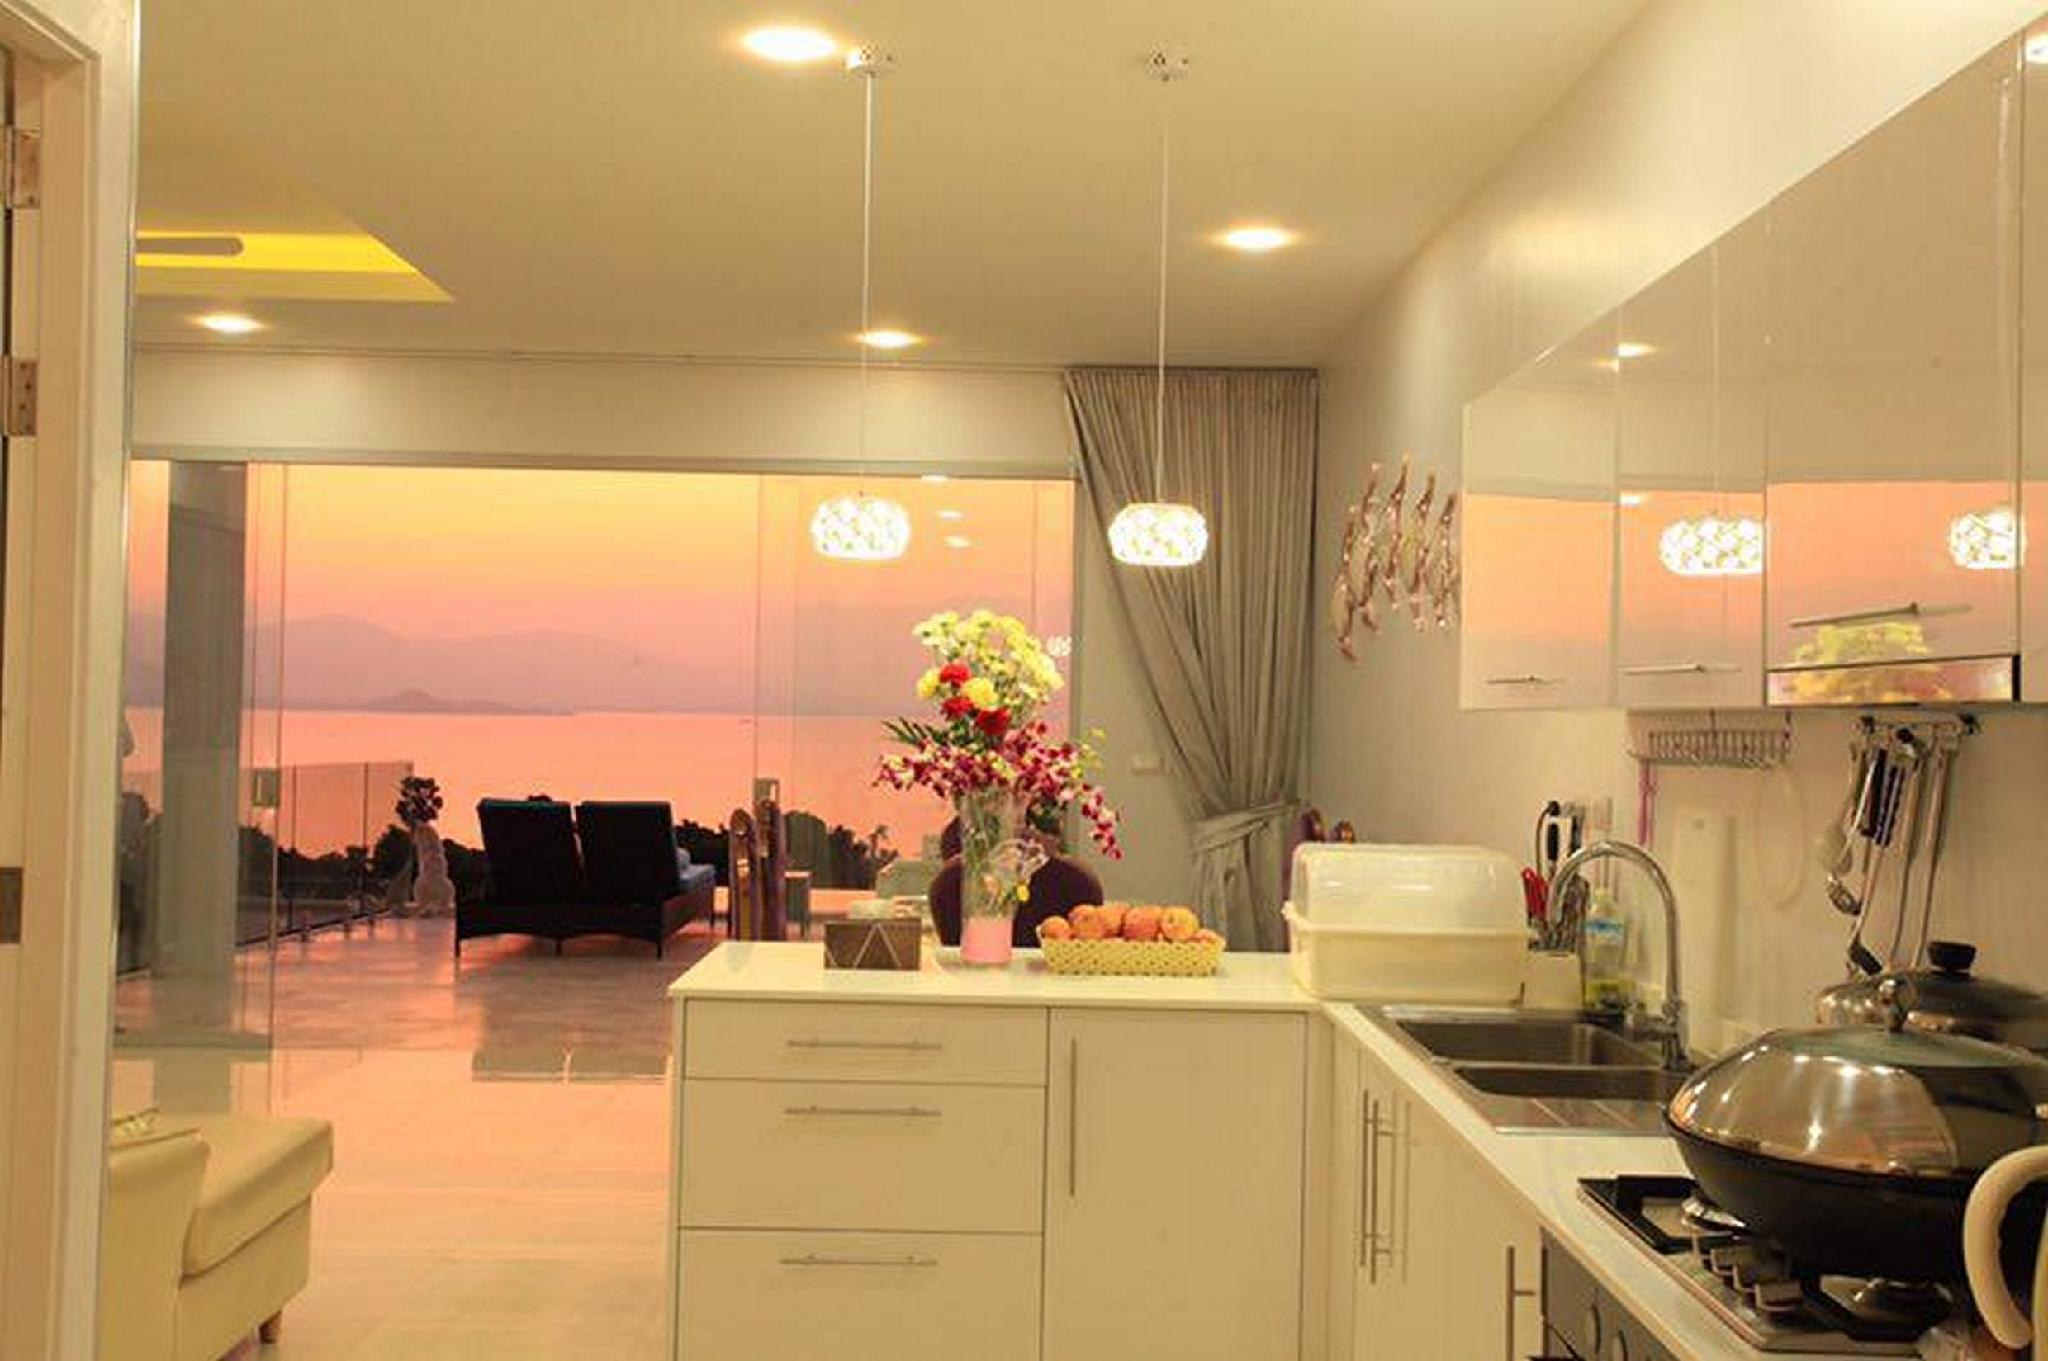 Sunset Lagoon Villa 3 with Maid/Chef, Karaoke Room Sunset Lagoon Villa 3 with Maid/Chef, Karaoke Room